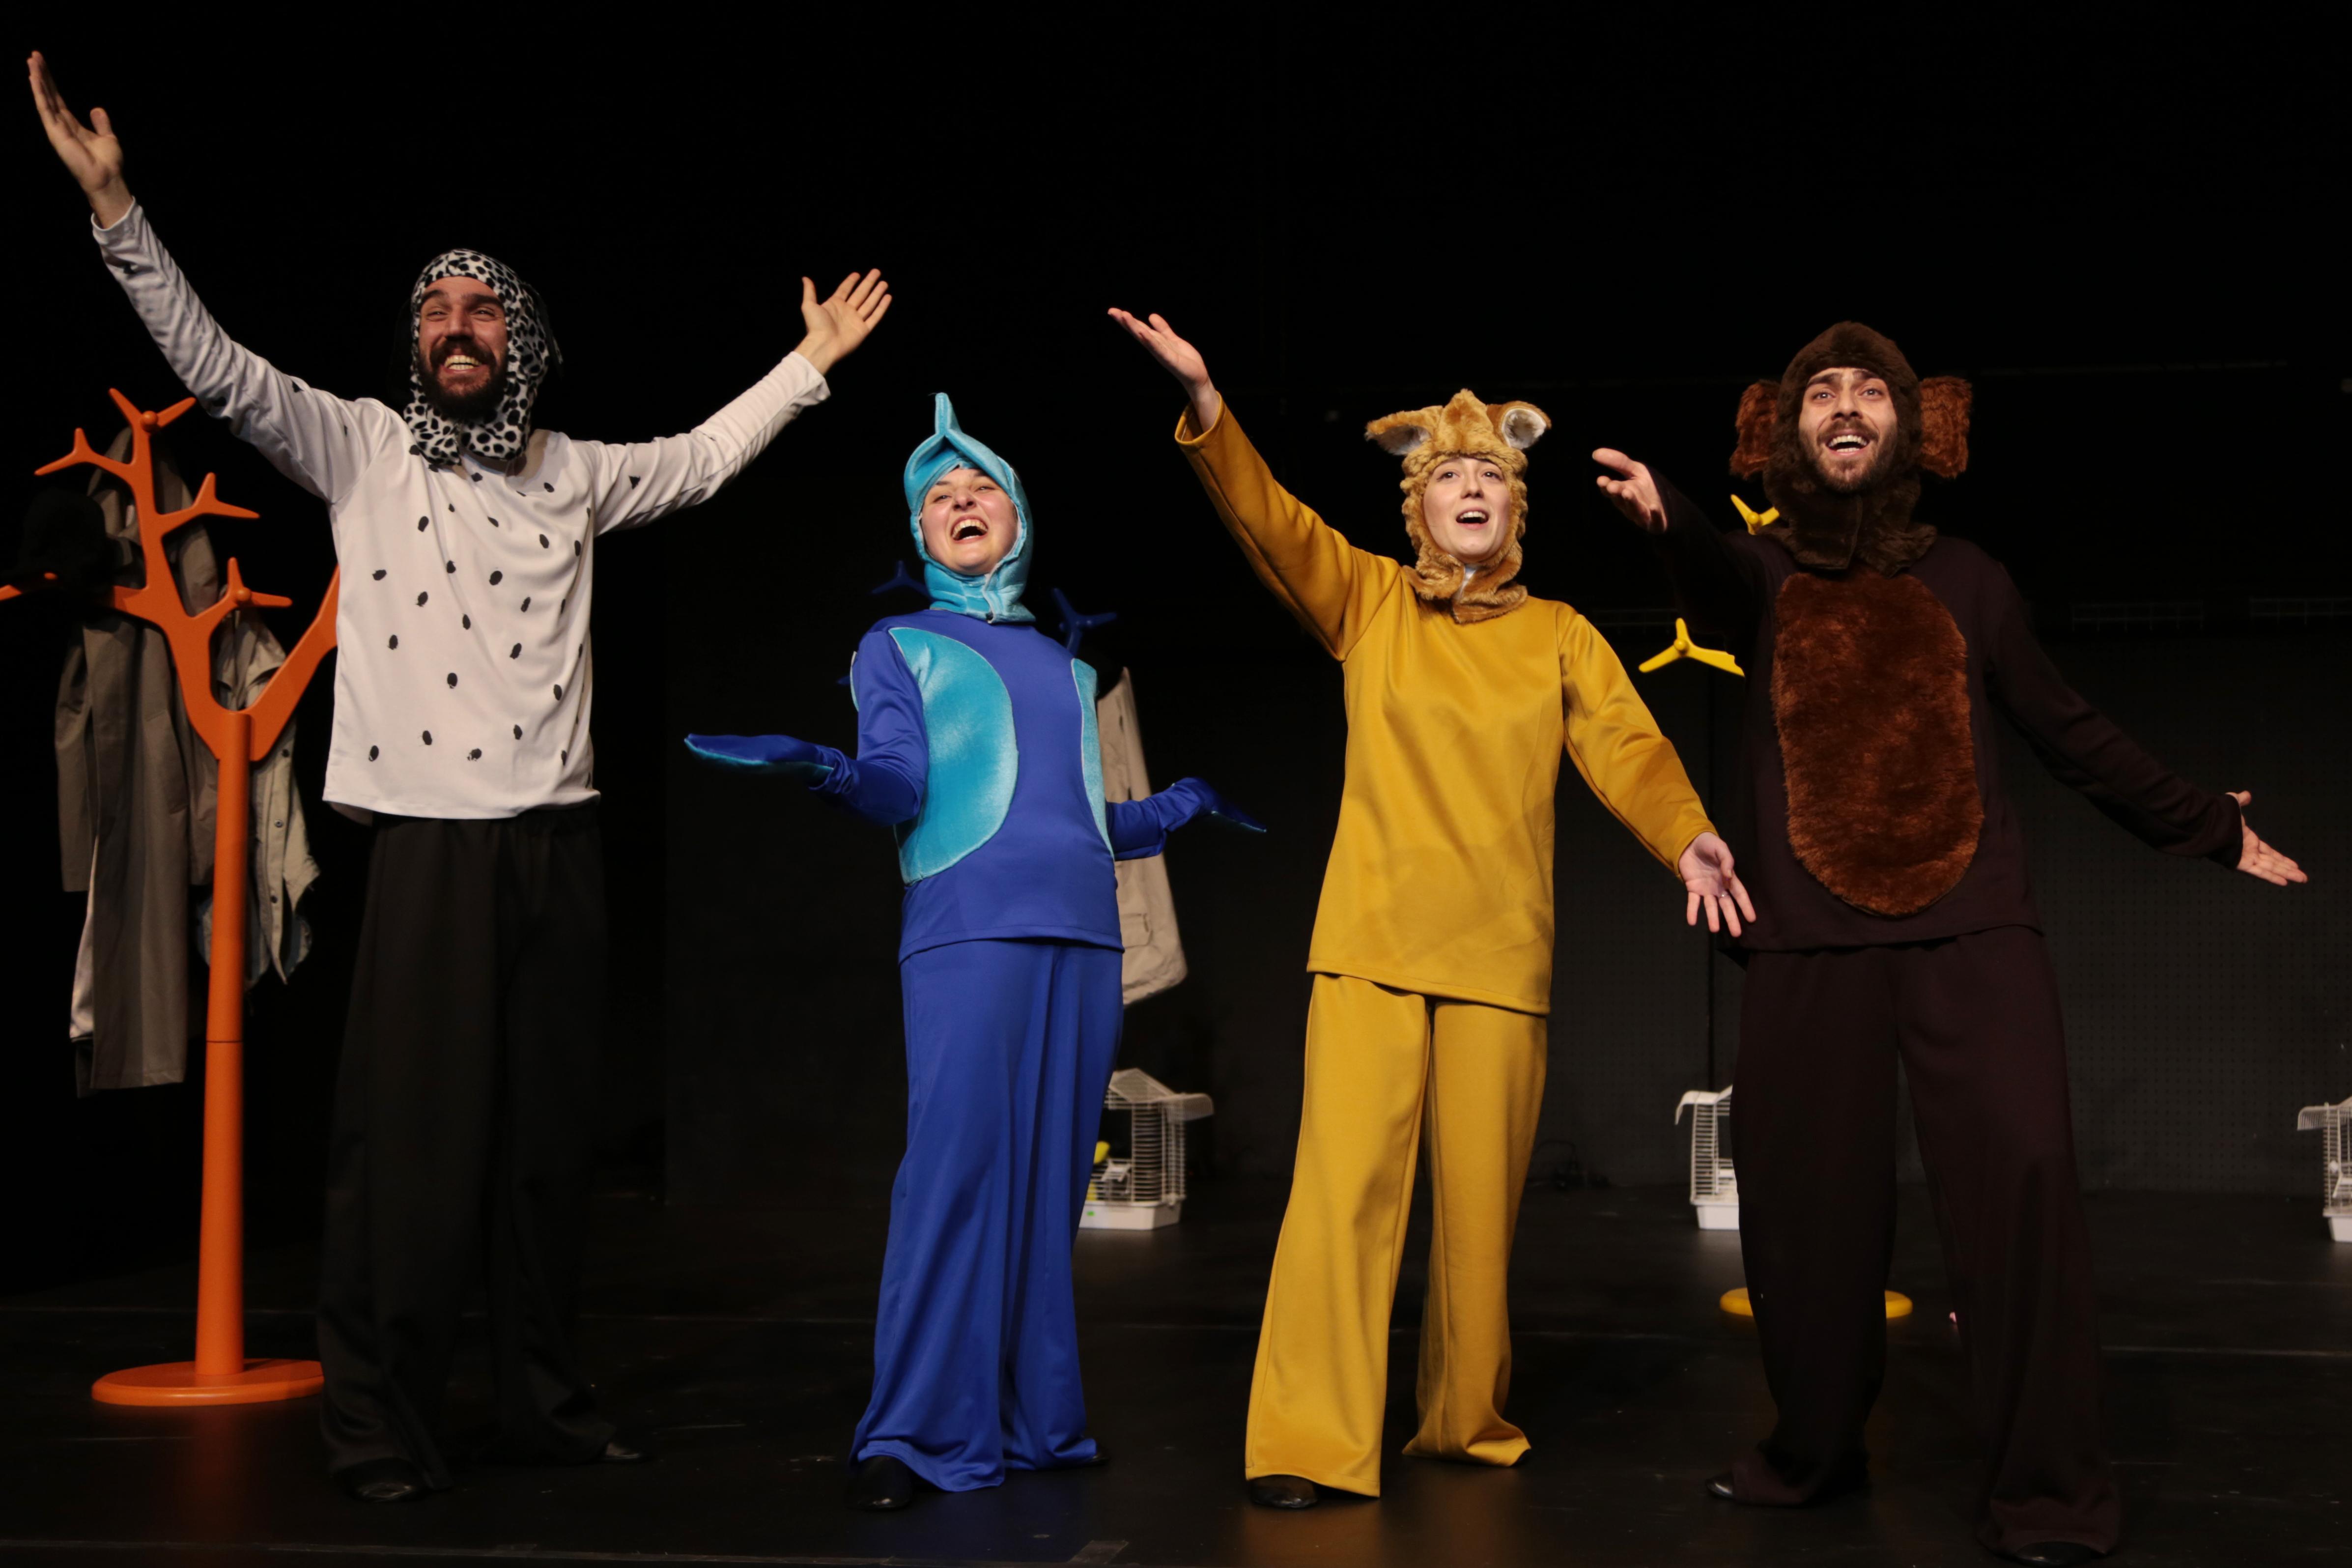 Belediyeler ile Yaptığımız Eğitim Tiyatrosu Çalışmaları